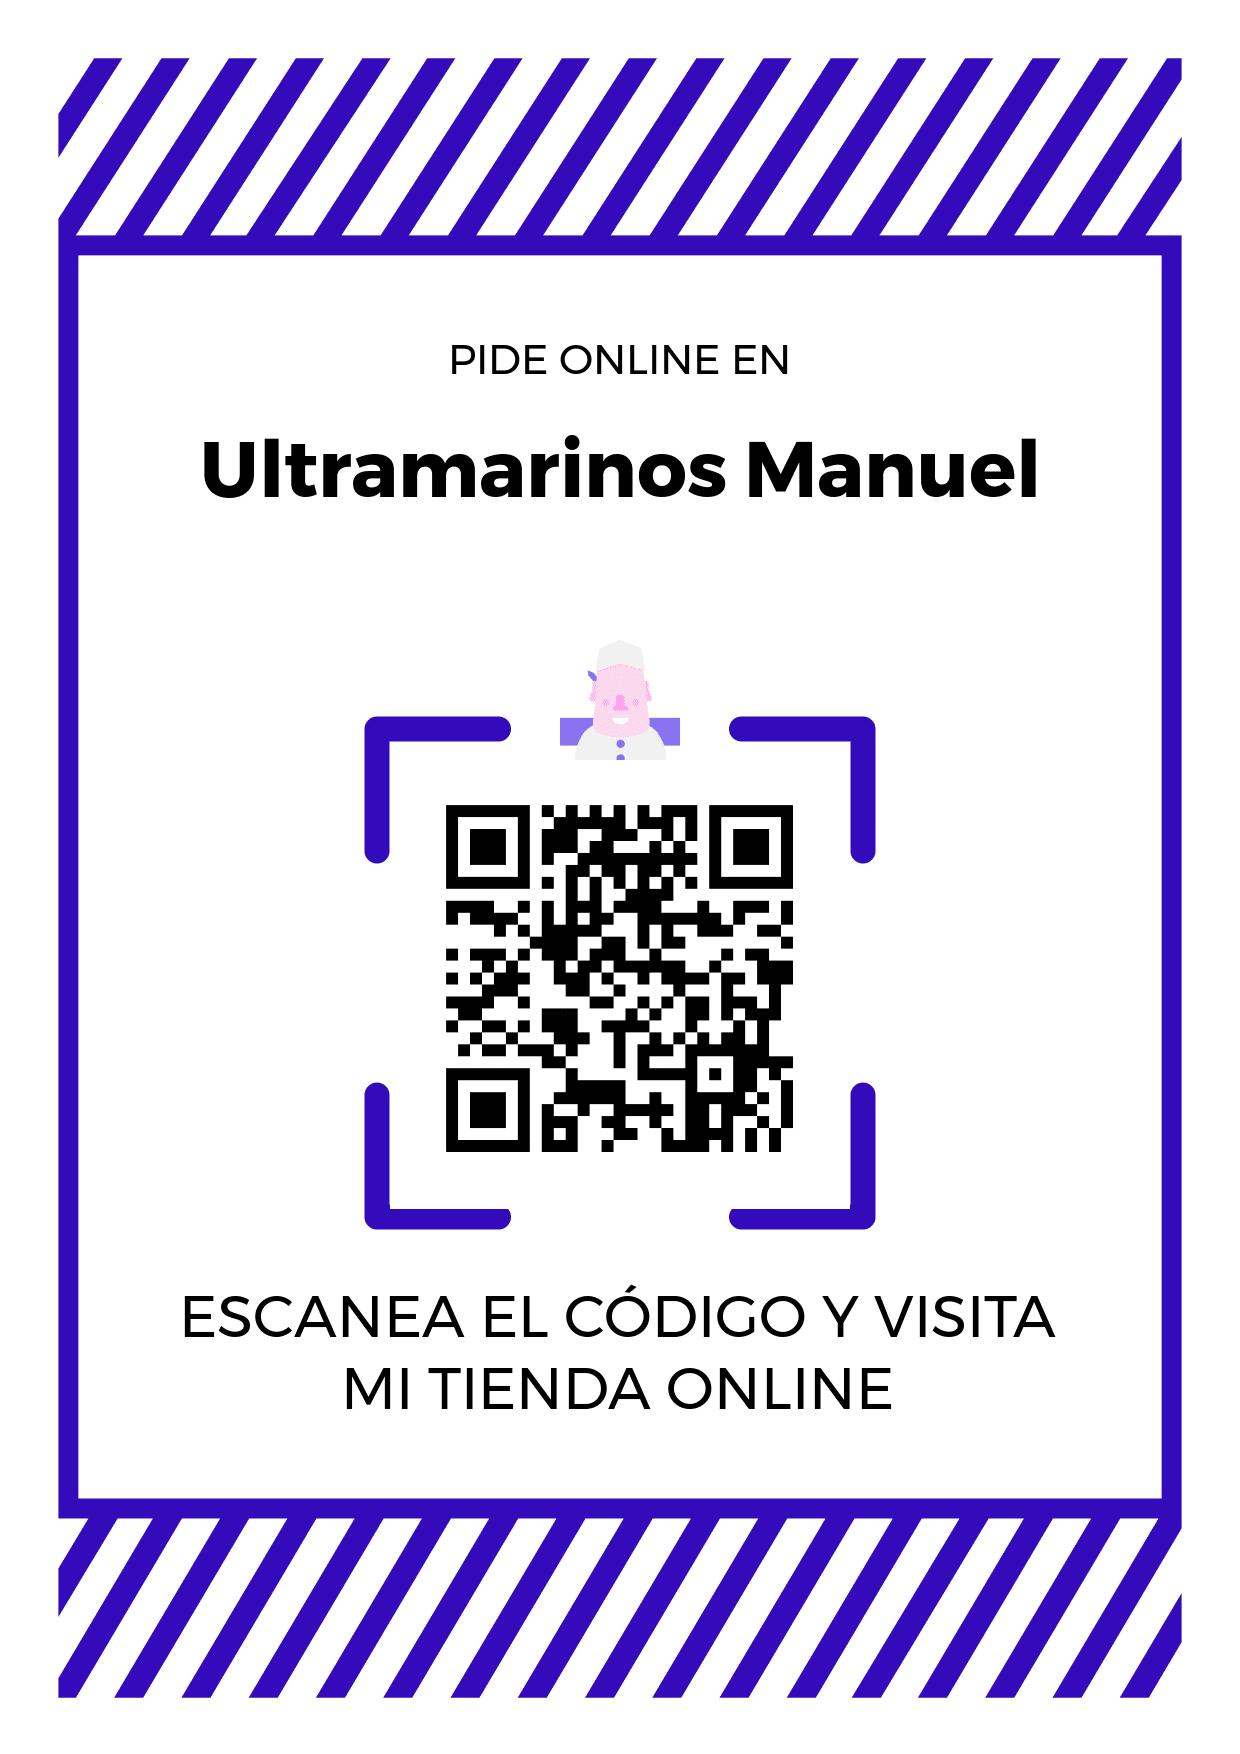 Cartel Póster de Código QR para tienda de Ultramarinos